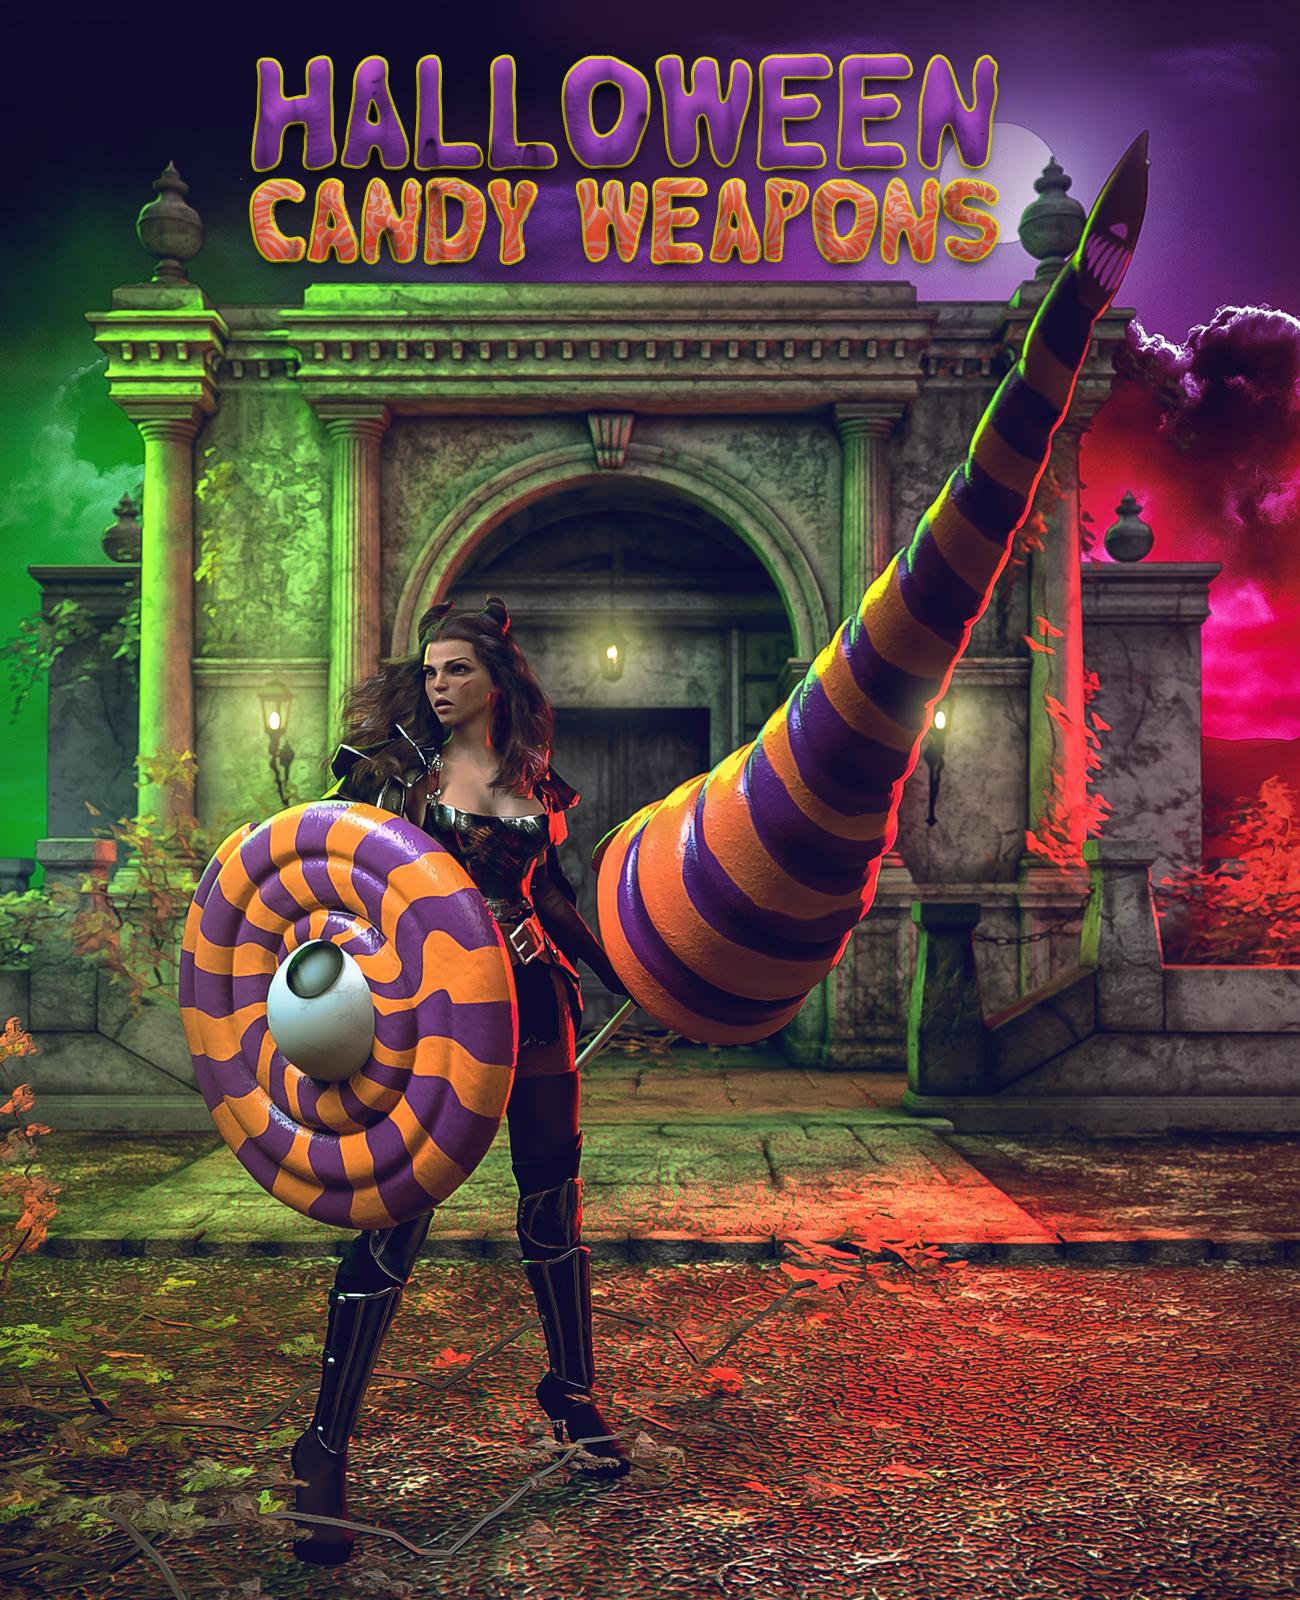 Halloween Candy Weapons for Genesis 8 by: EsidFenixPhoenix, 3D Models by Daz 3D